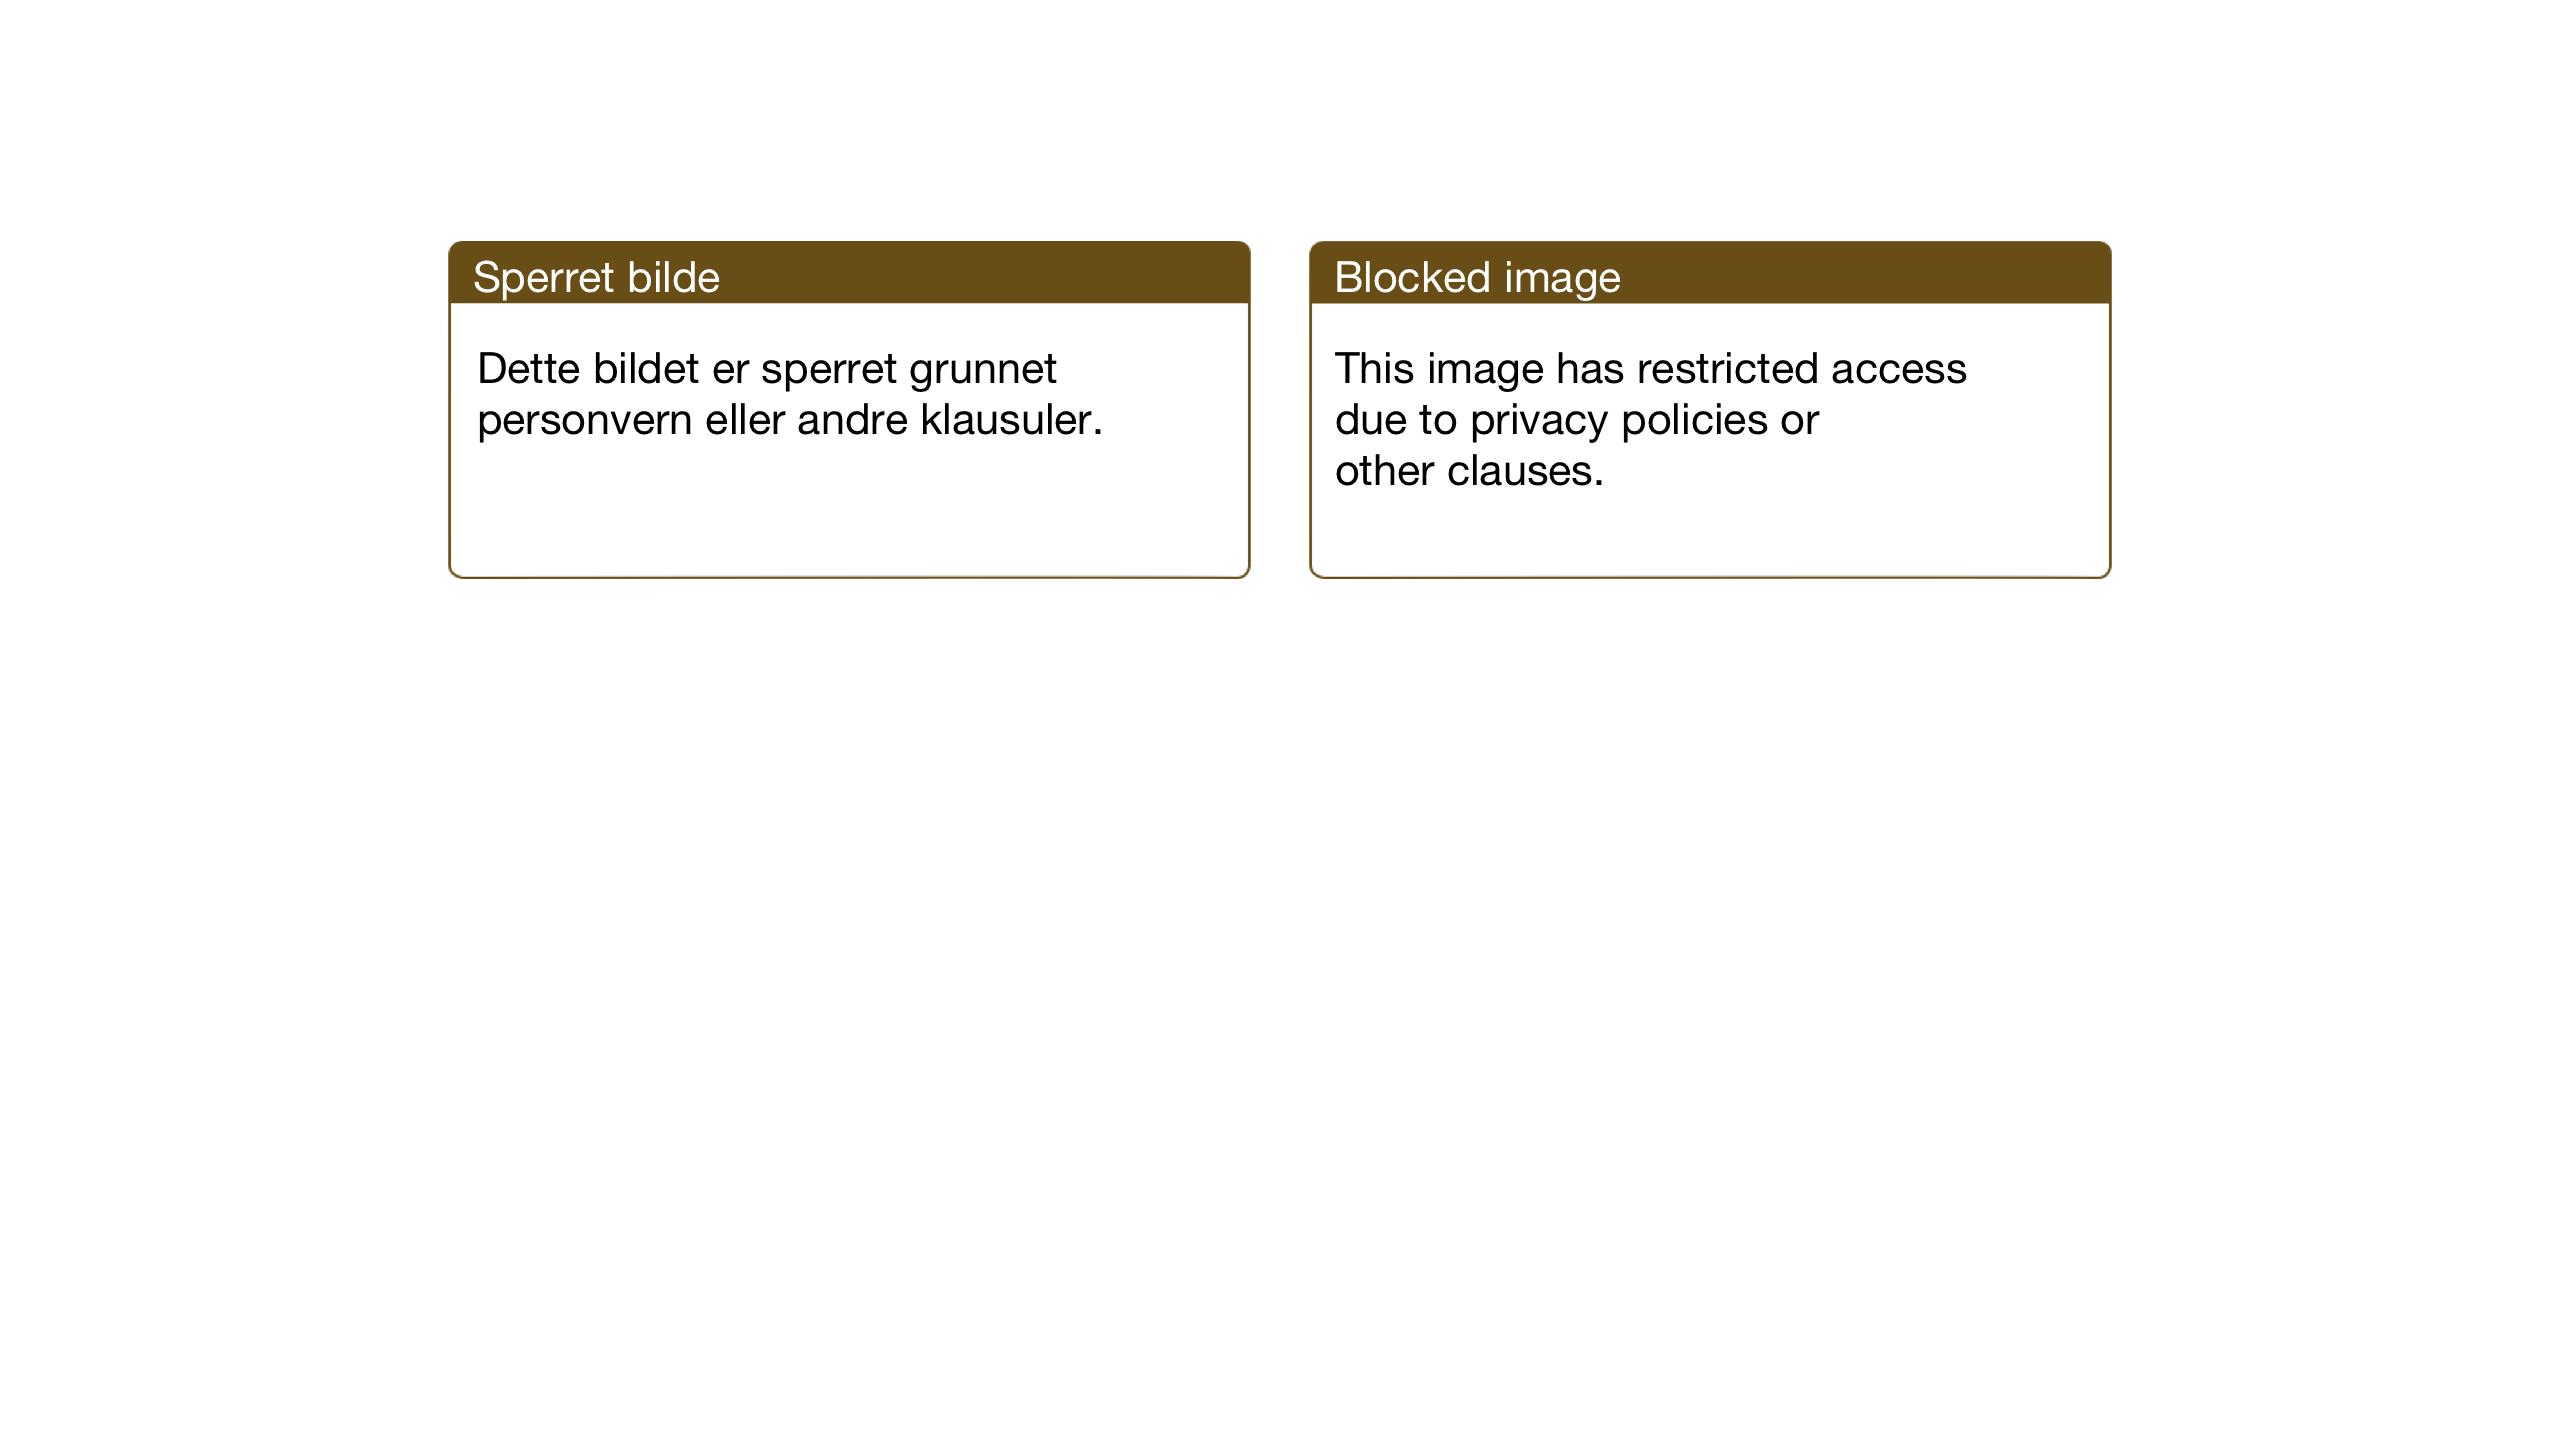 SAT, Ministerialprotokoller, klokkerbøker og fødselsregistre - Nord-Trøndelag, 770/L0592: Klokkerbok nr. 770C03, 1941-1950, s. 73